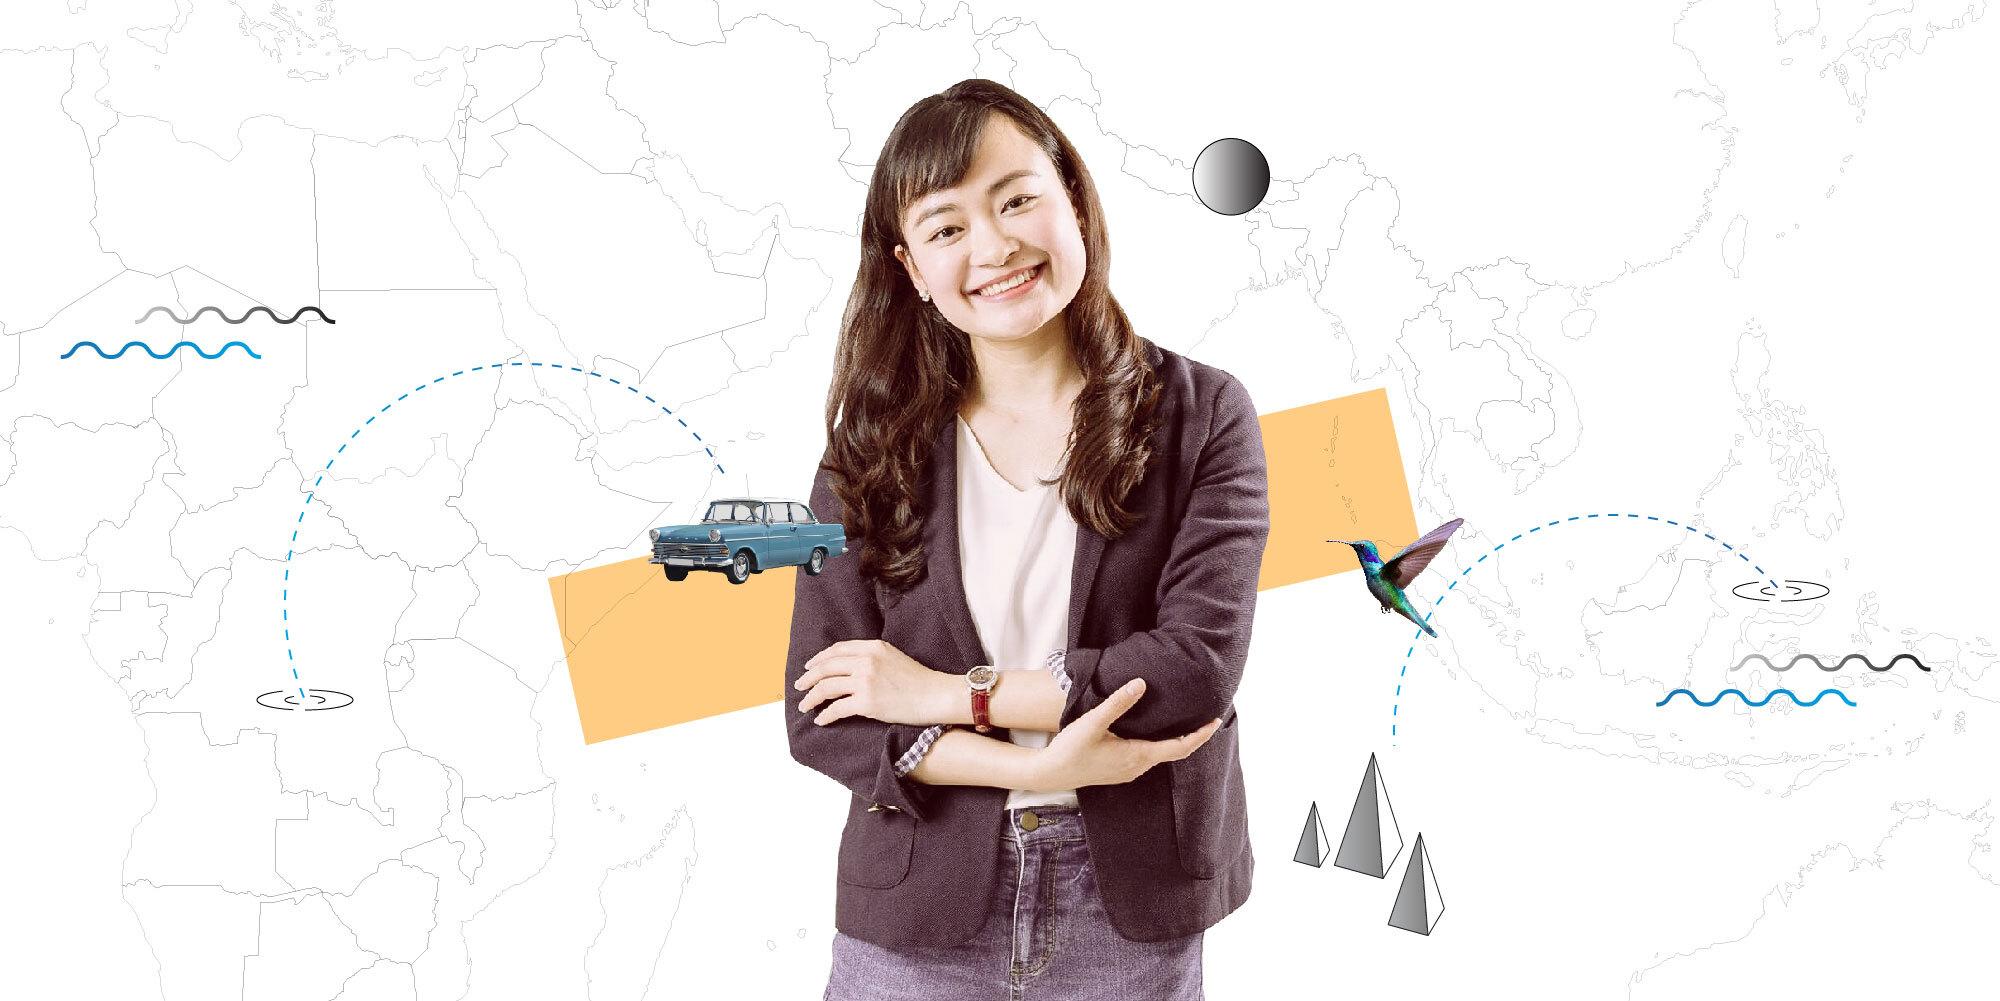 """Xu hướng """"Bình Thường Mới"""" - Thời cơ vàng cho startup TravelTech Việt vươn mình"""